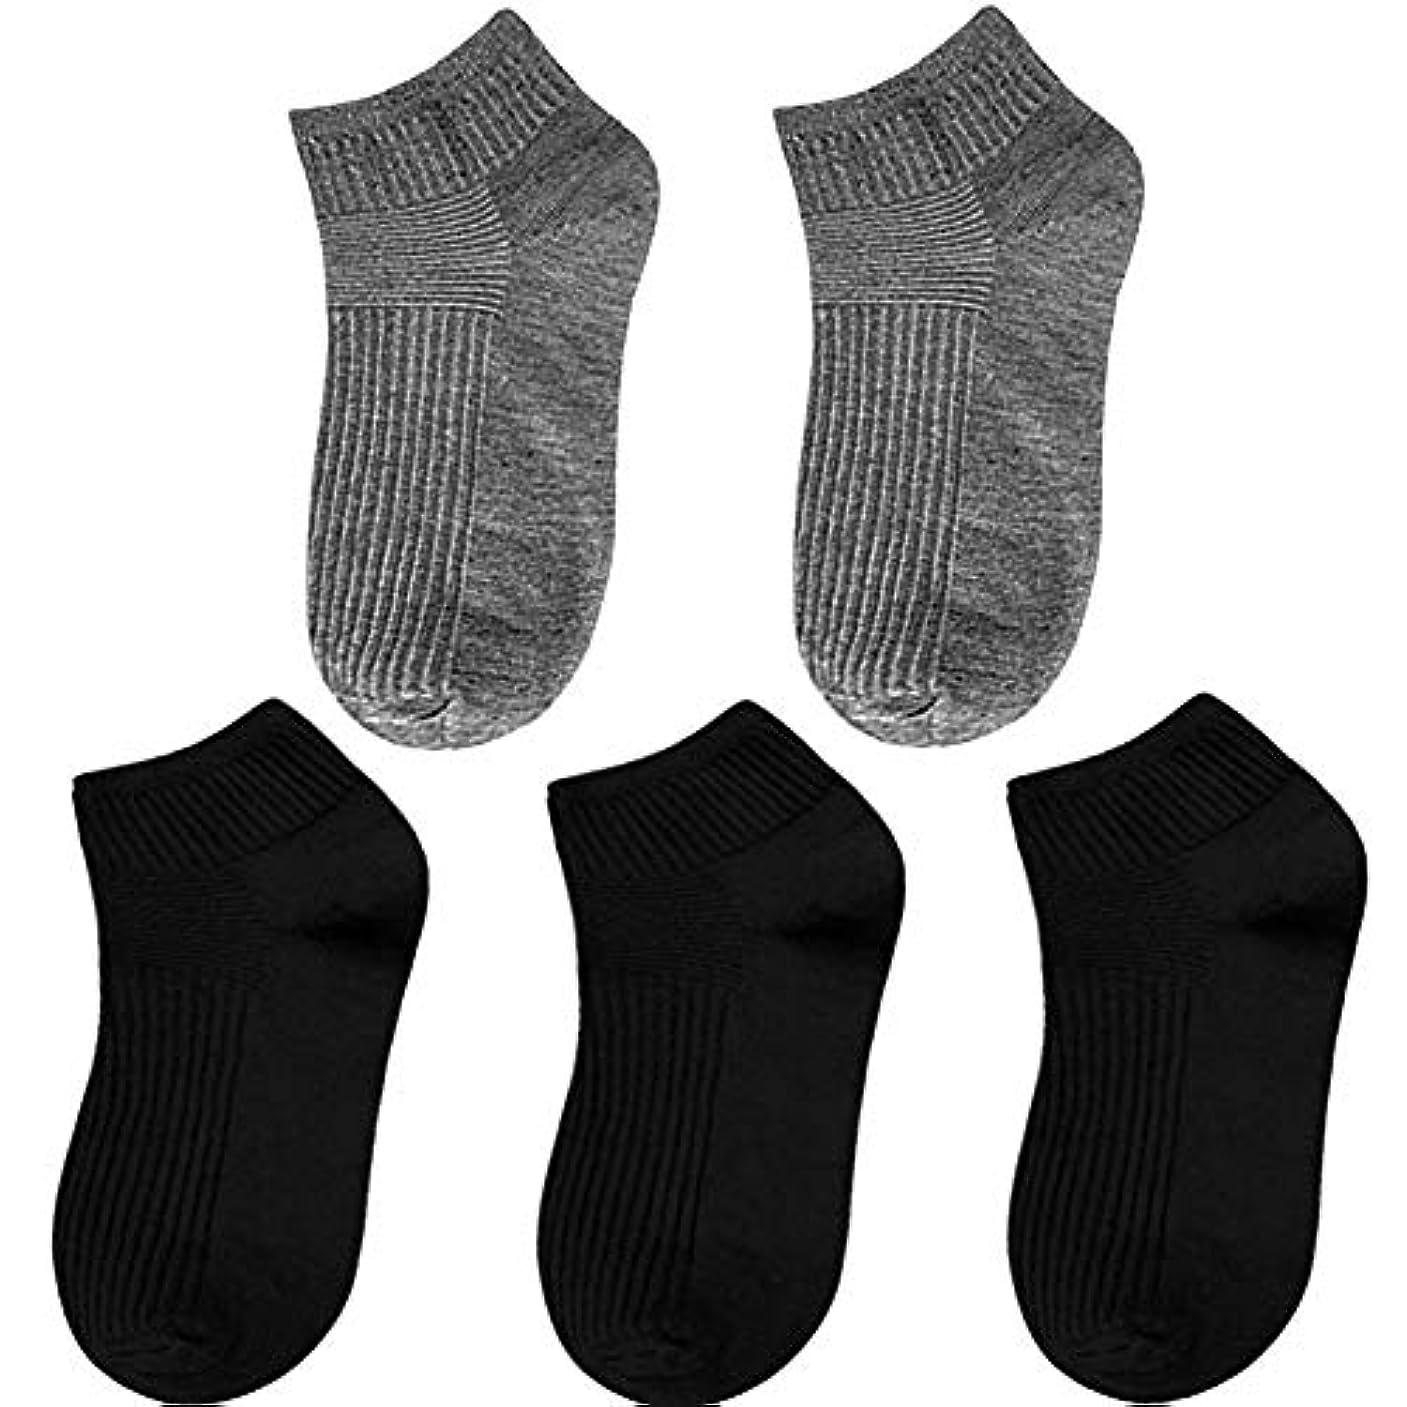 苦しめる栄光グリーンランド靴下 メンズ くるぶし メンズ スニーカーソックス ショート ソックス 靴下 セット 5足/10足セット SJ01